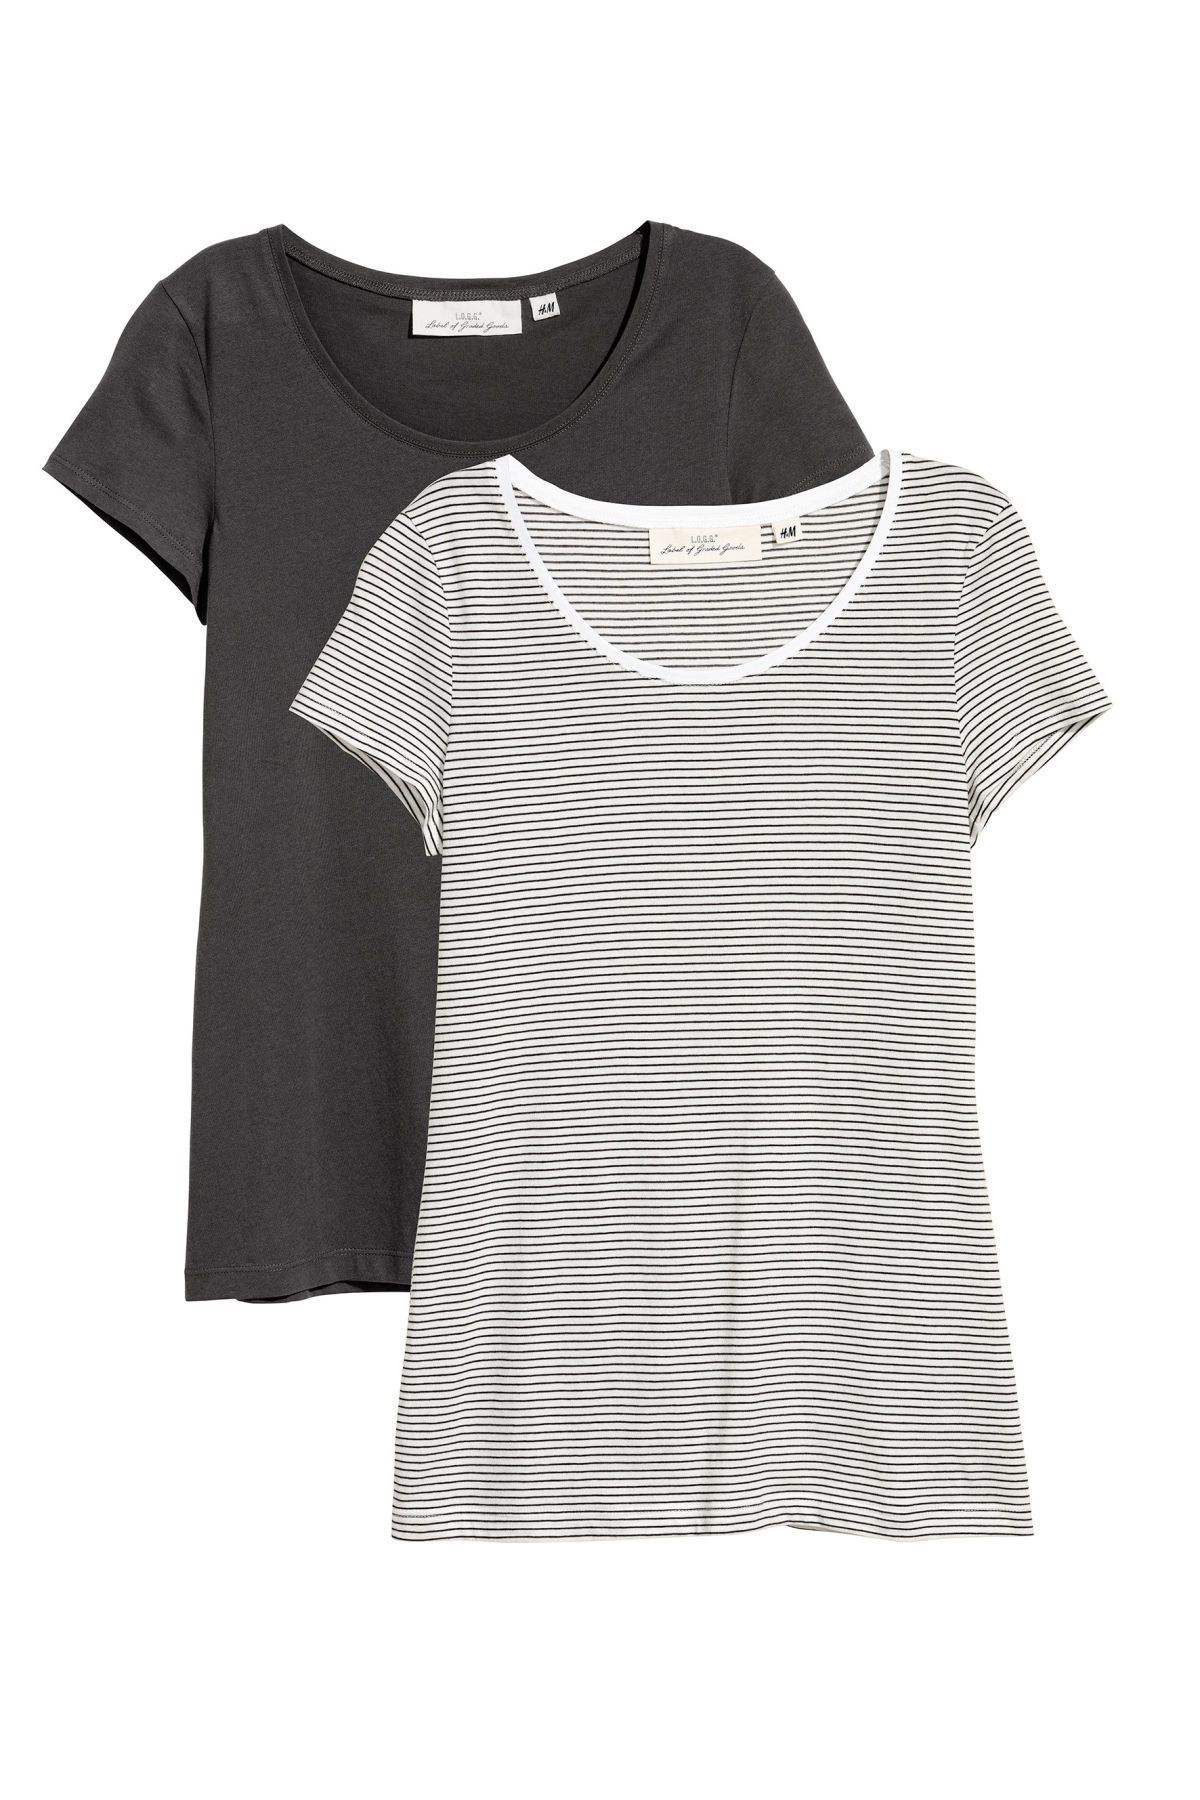 f5e5304e06 2-pack Short-sleeved Tops | Dark gray/striped | WOMEN | H&M US ...